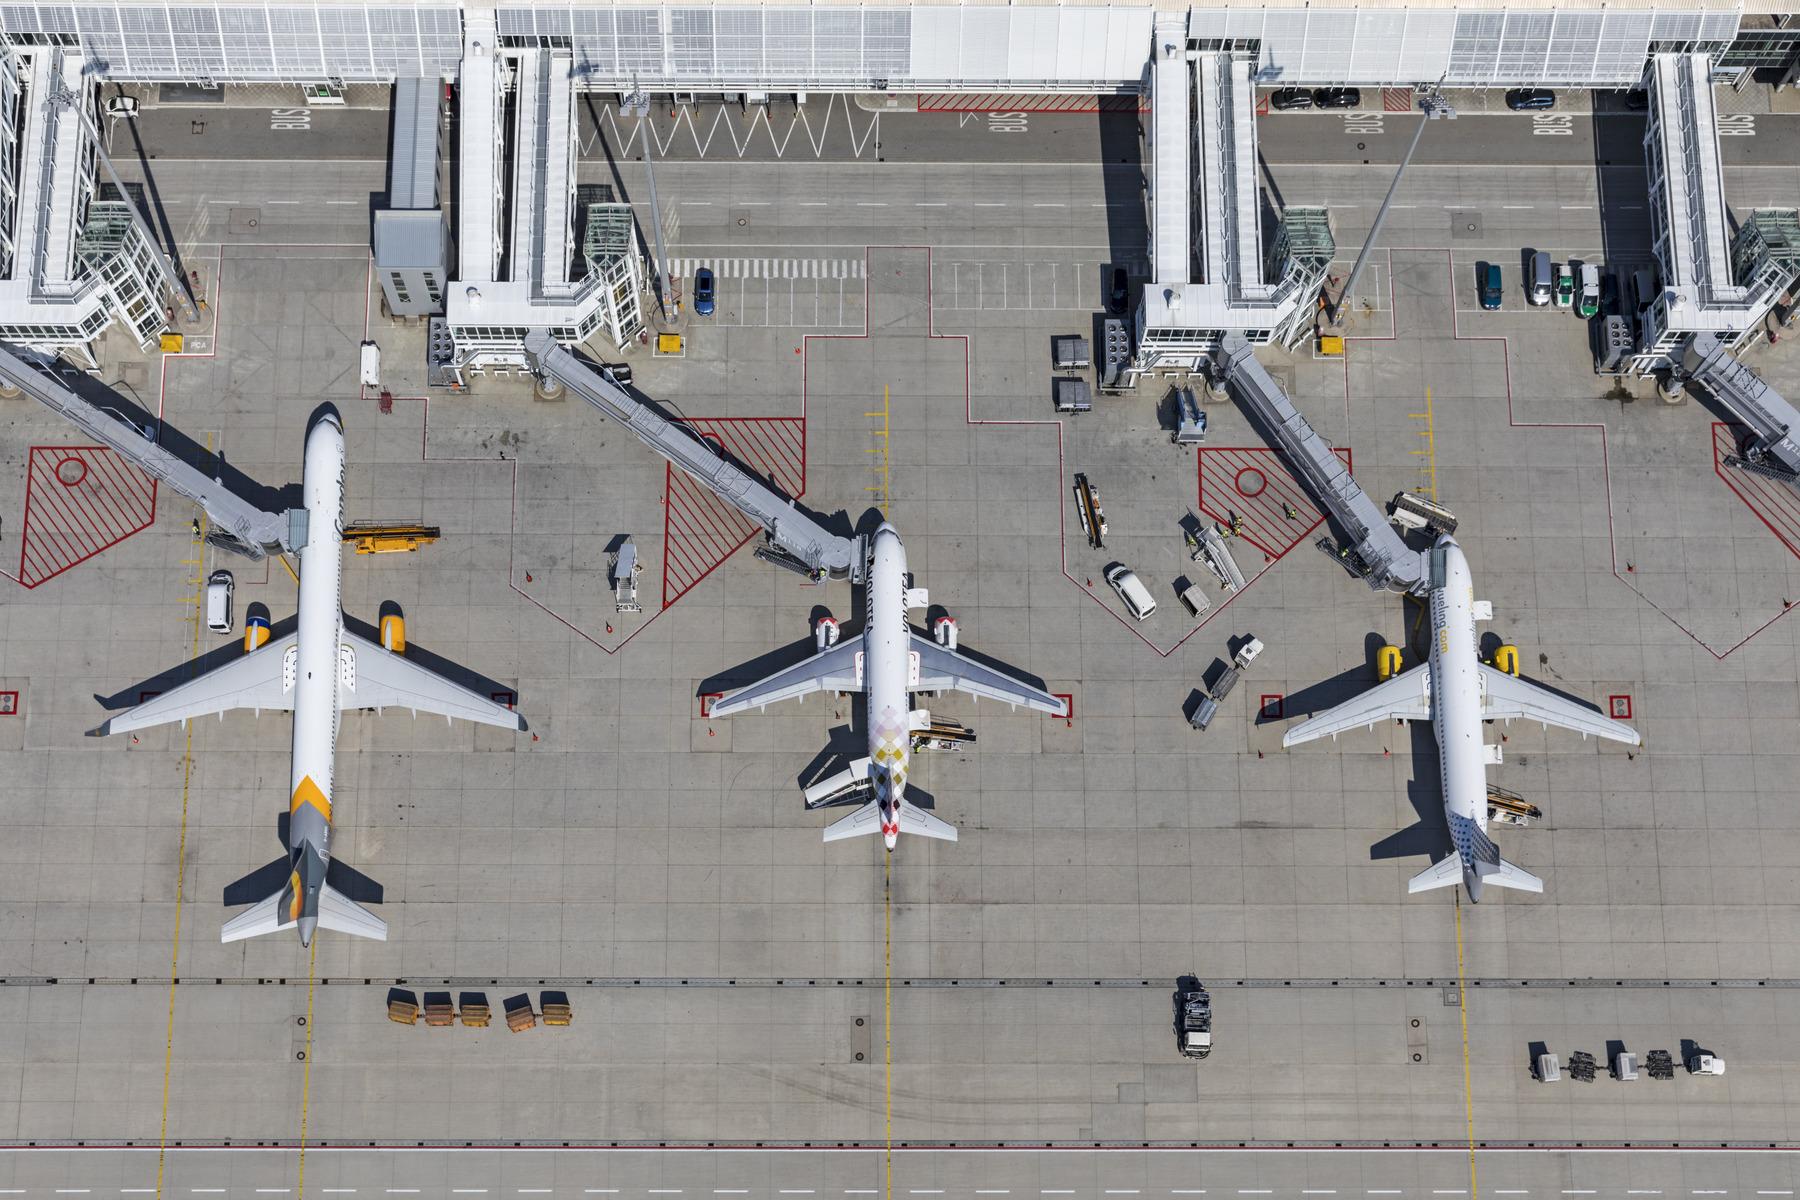 Brancheforeningen RID åbner for rejsearrangører, der kun sender gæster med rutefly. Et krav for optagelse er, at rejsebureauet har en pakkerejseomsætning på mindst 20 millioner kroner om året og en positiv egenkapital. Arkivpressefoto fra Flughafen München.